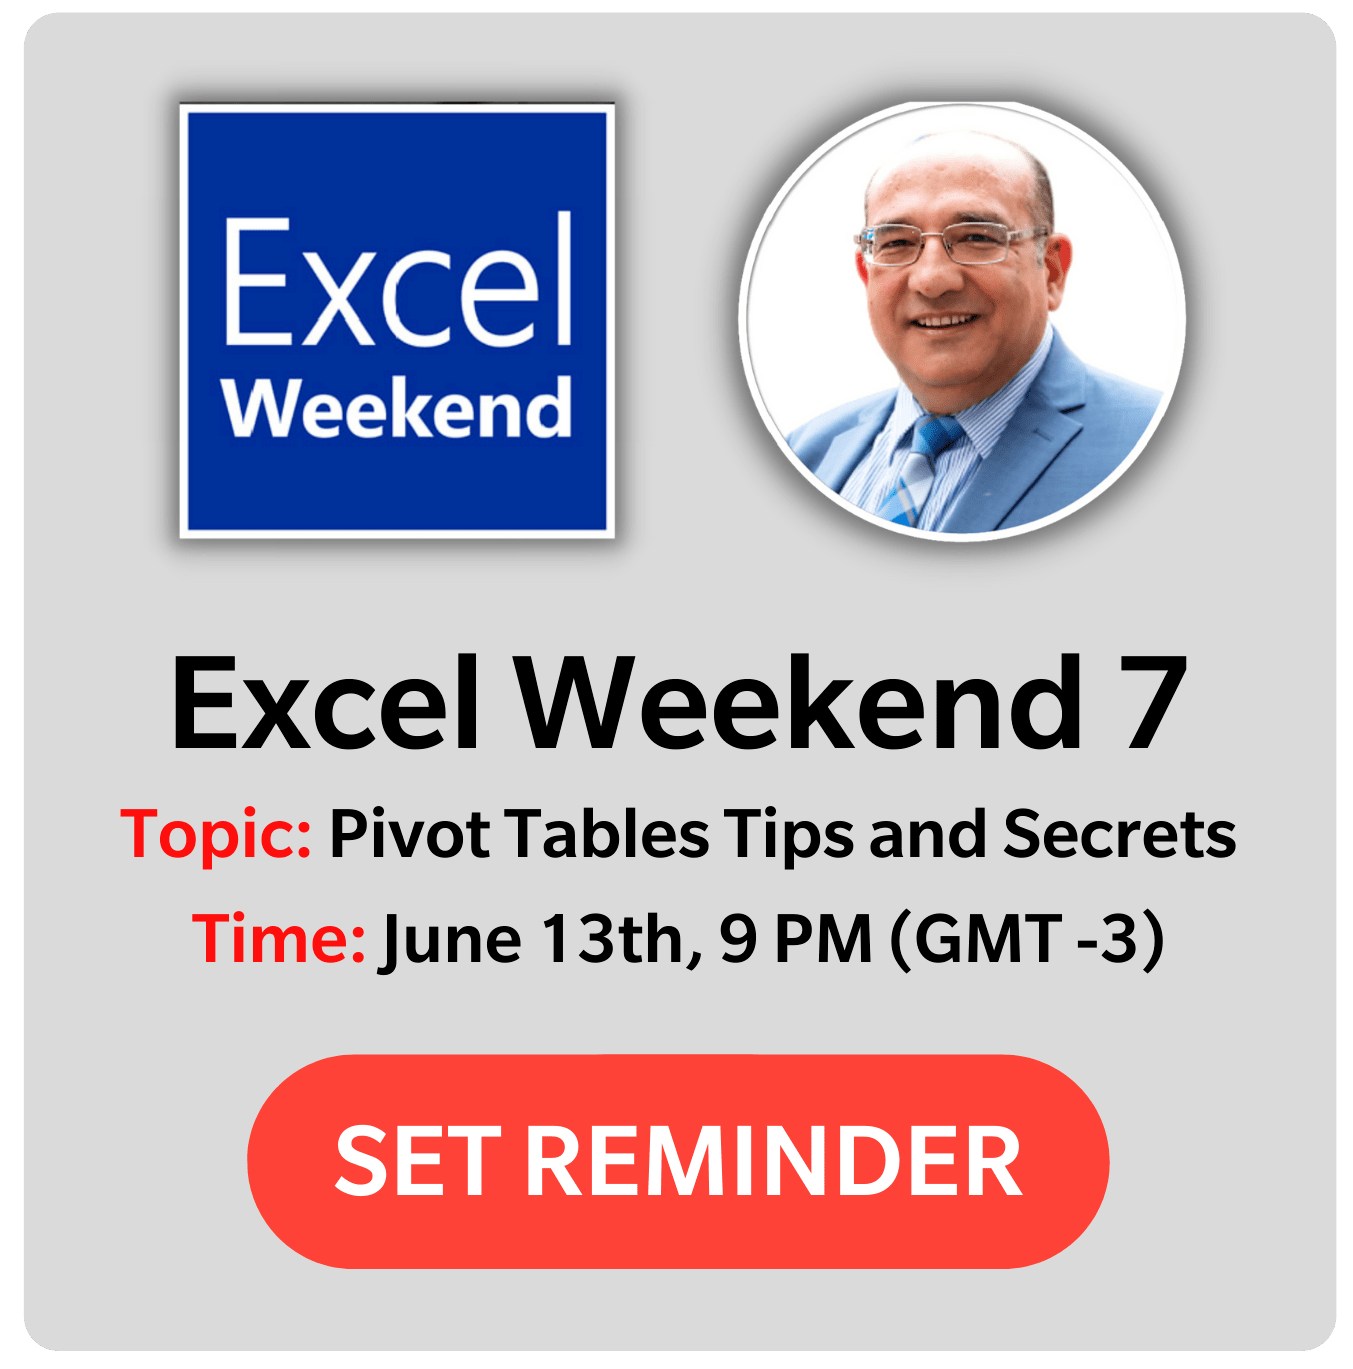 Excel Weekend - Nabil Mourad